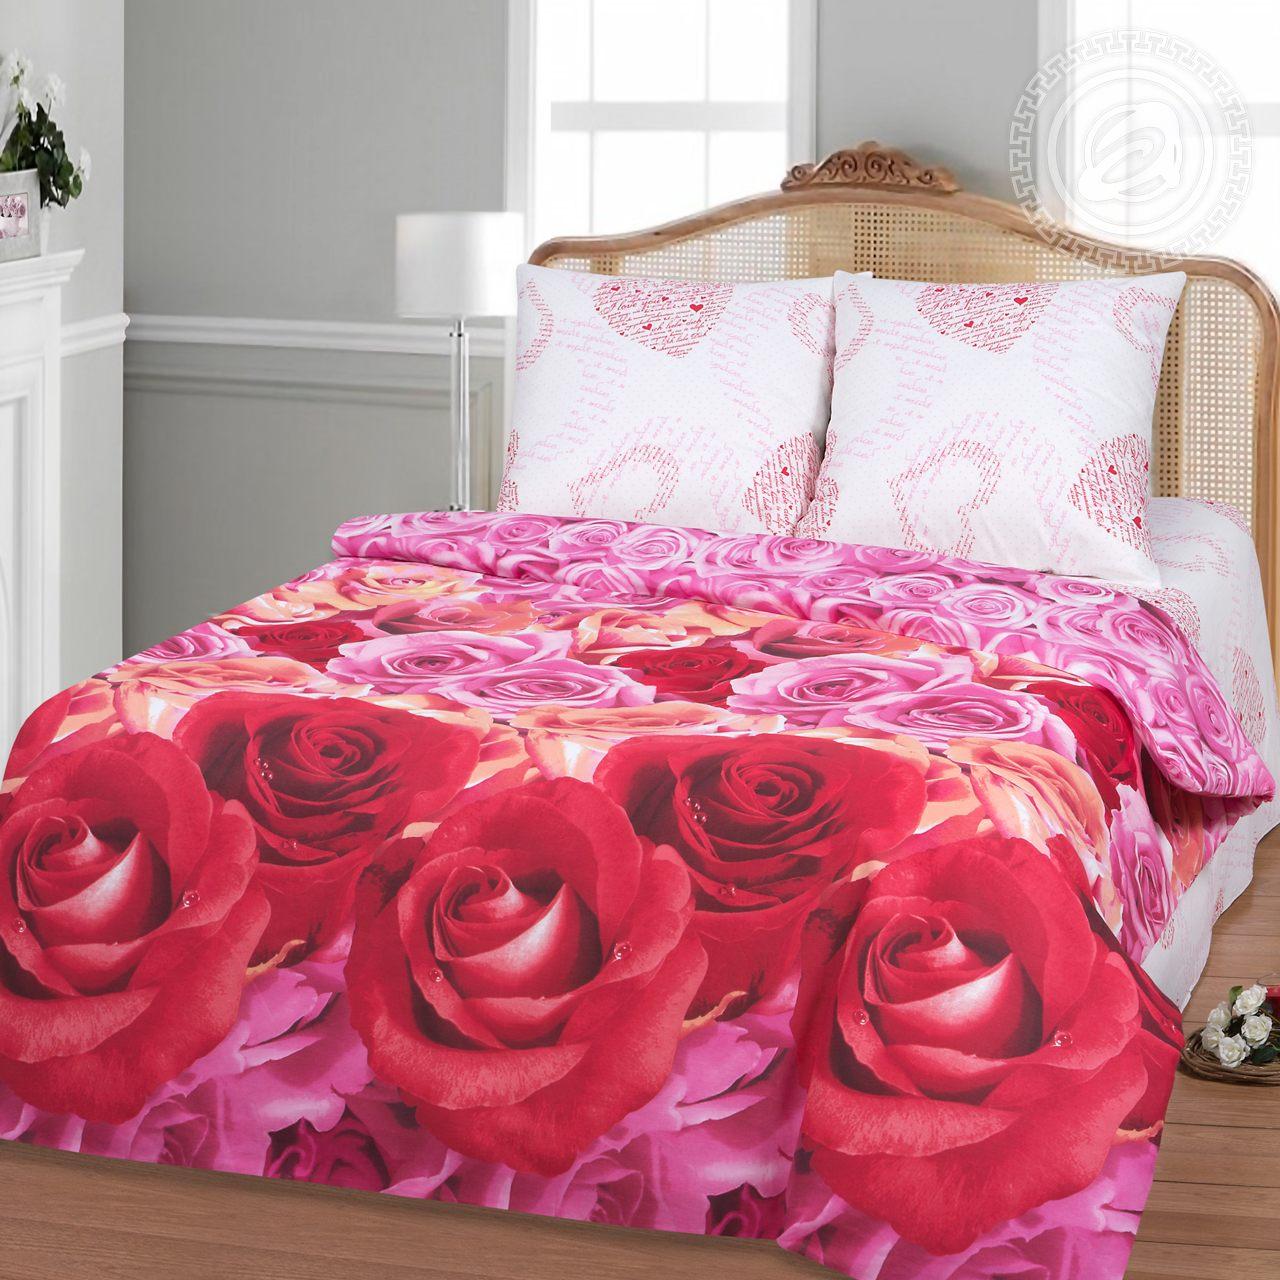 Постельное белье Марго (бязь) (1,5 спальный) постельное белье ромашковое поле бязь 1 5 спальный